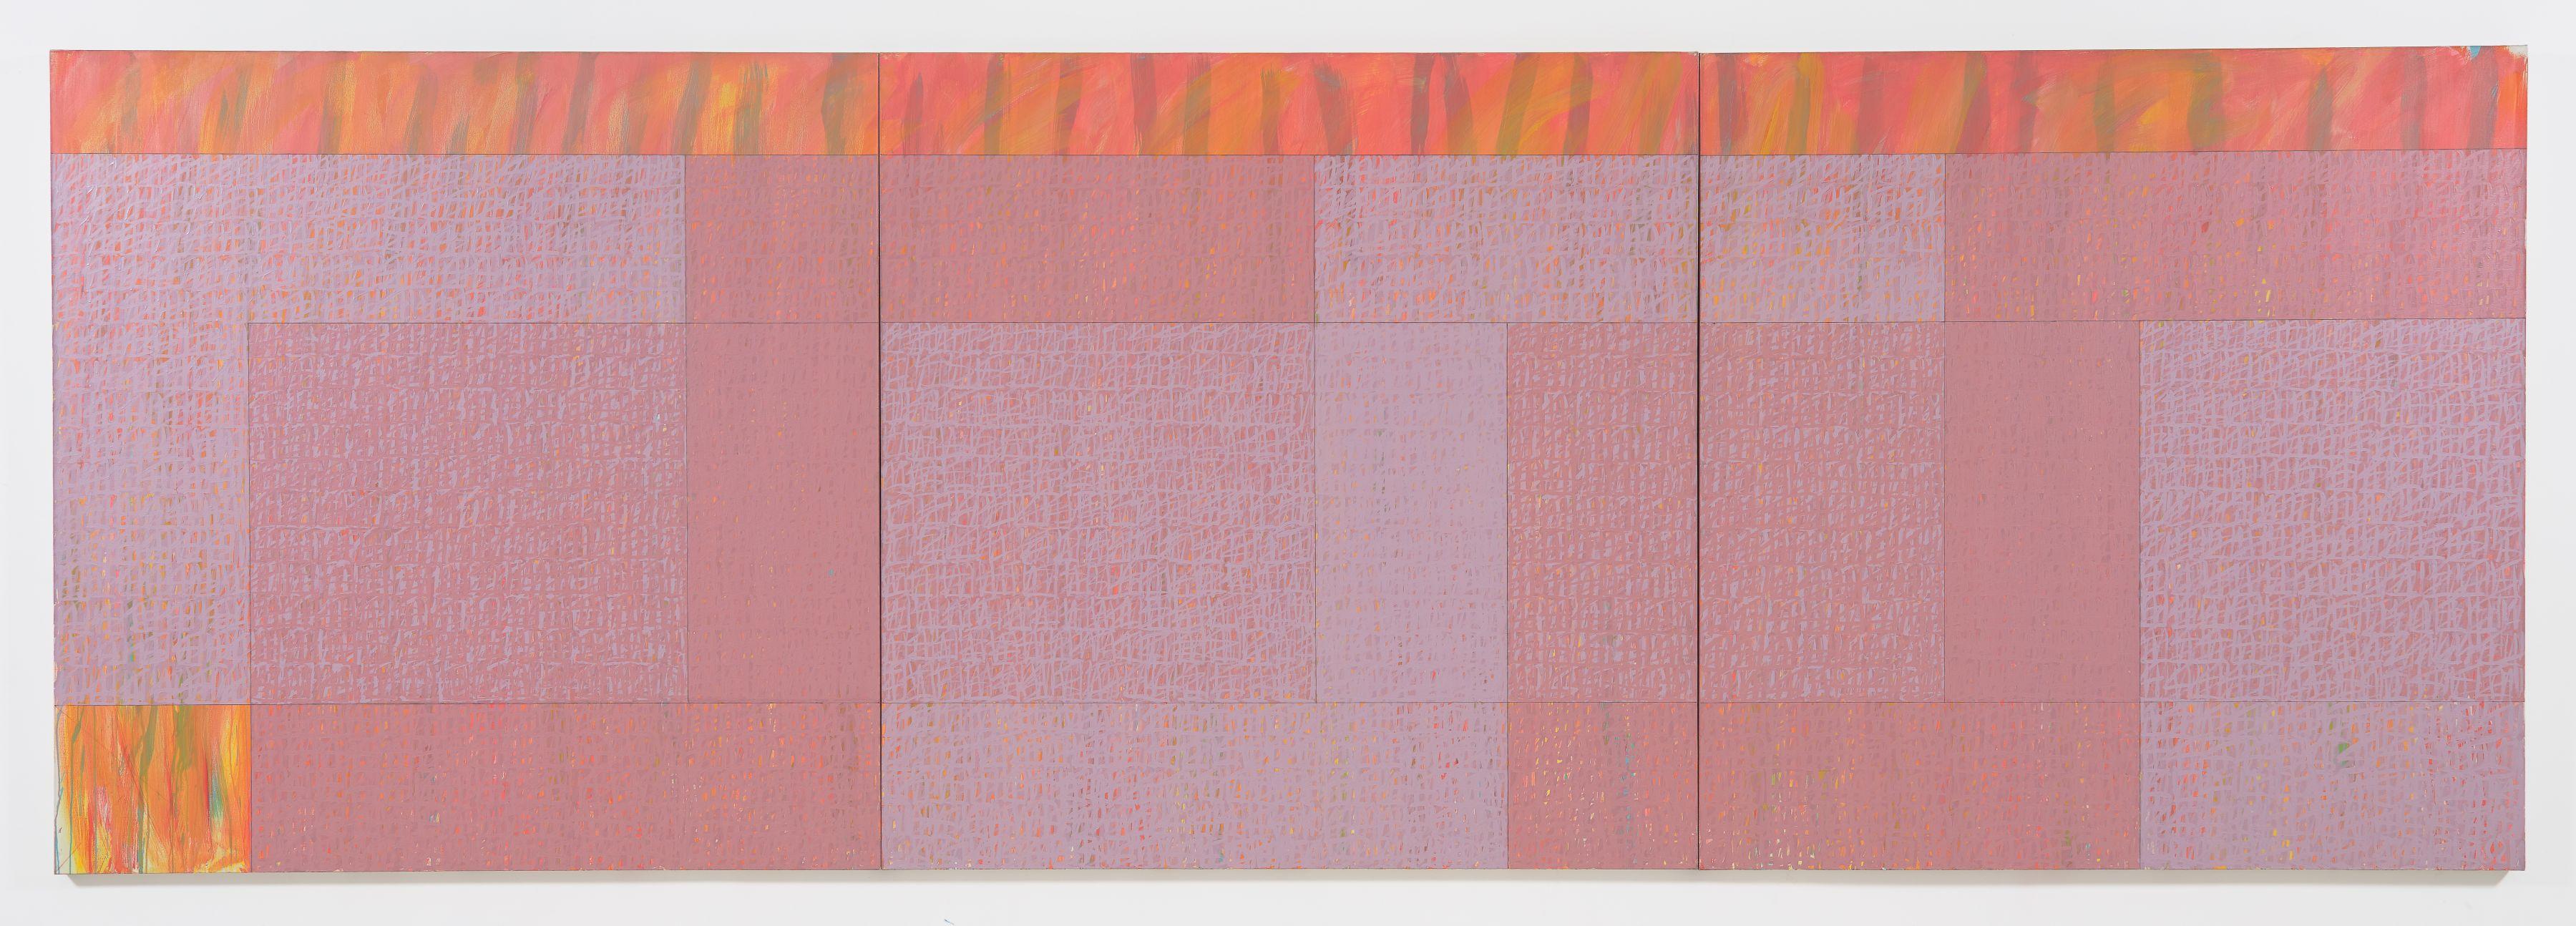 Jack Tworkov, Triptych (Q3-75 #1), 1975